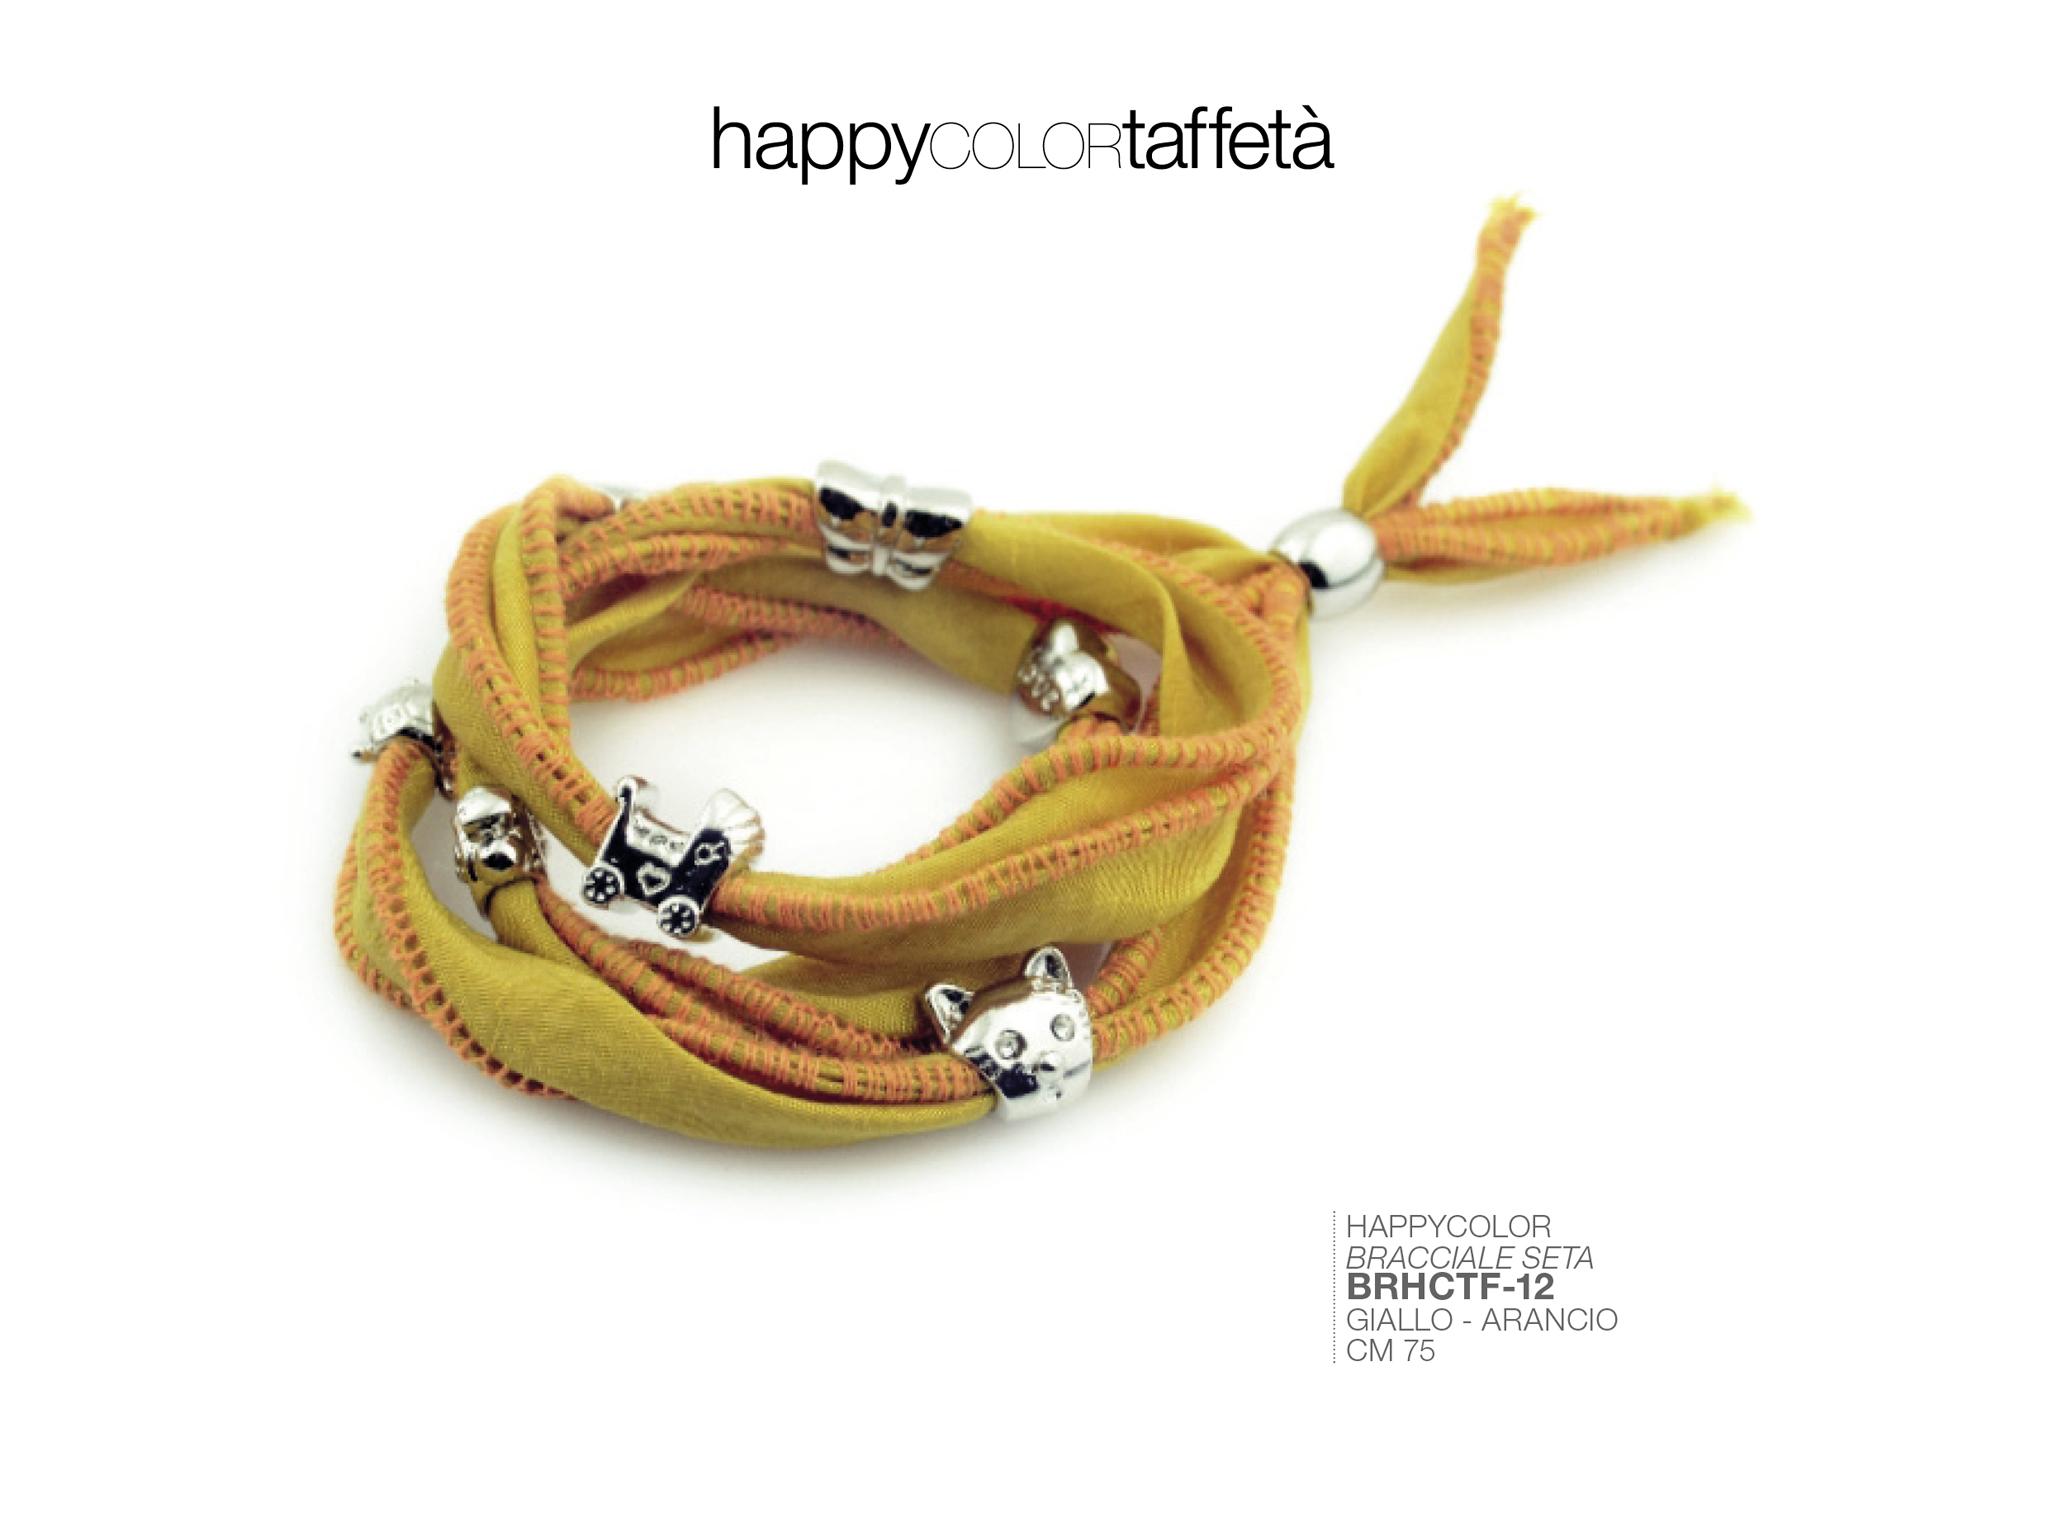 happycolor_taffeta_pagina_13_app